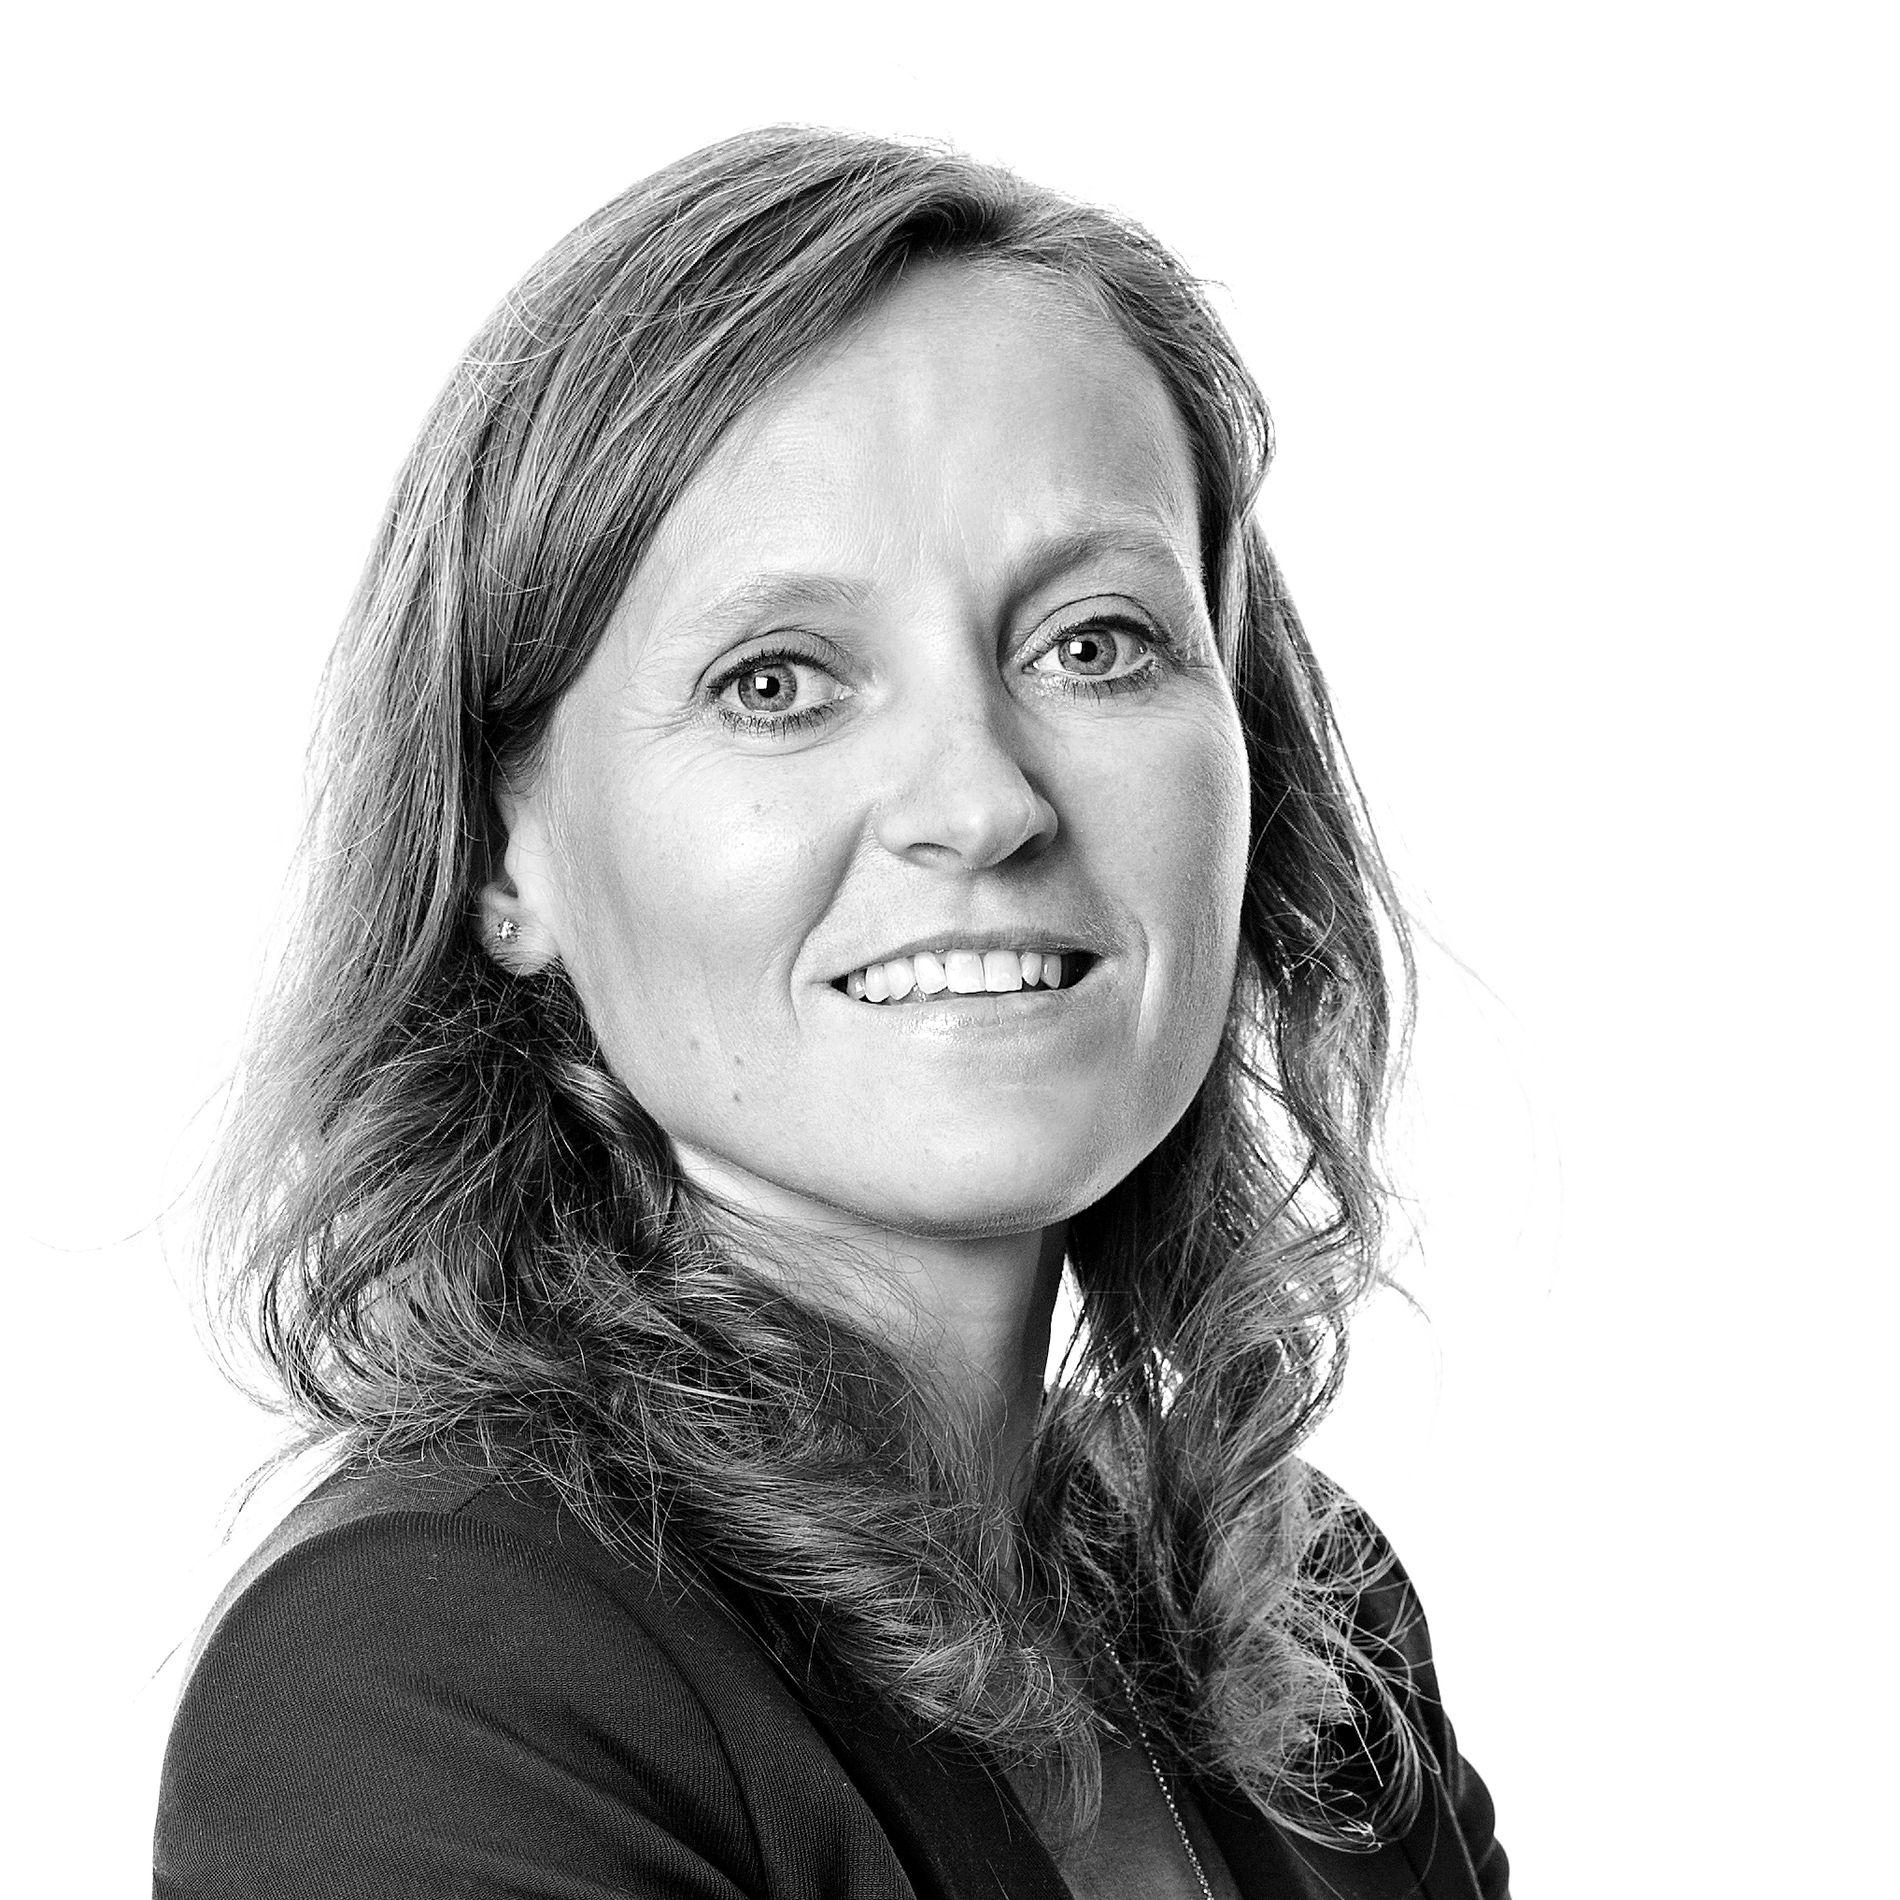 Mette Nygård Havre